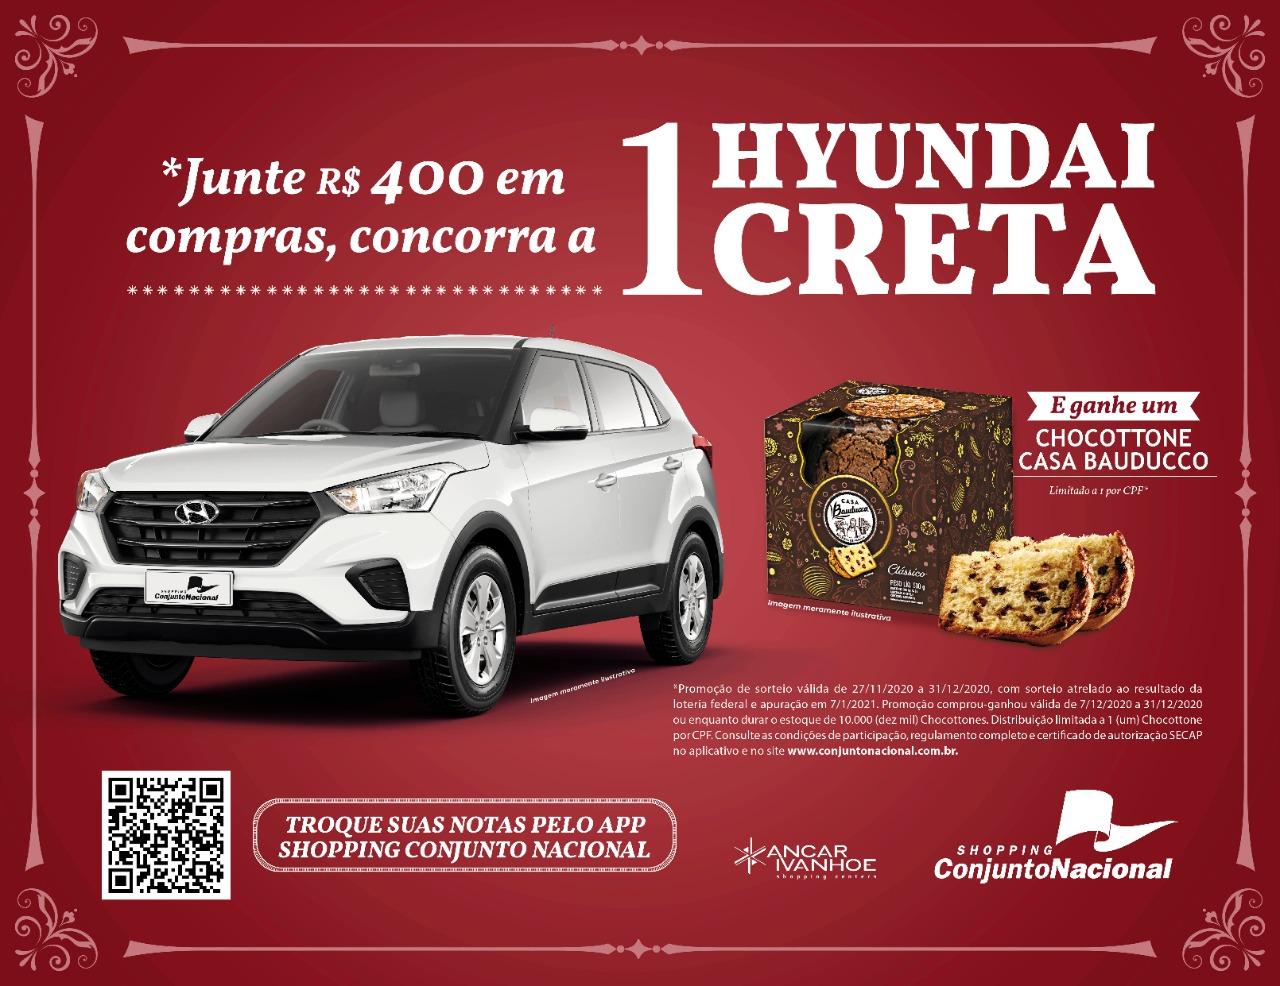 Conjunto Nacional sorteia um automóvel Hyundai Creta Action 0km neste Natal